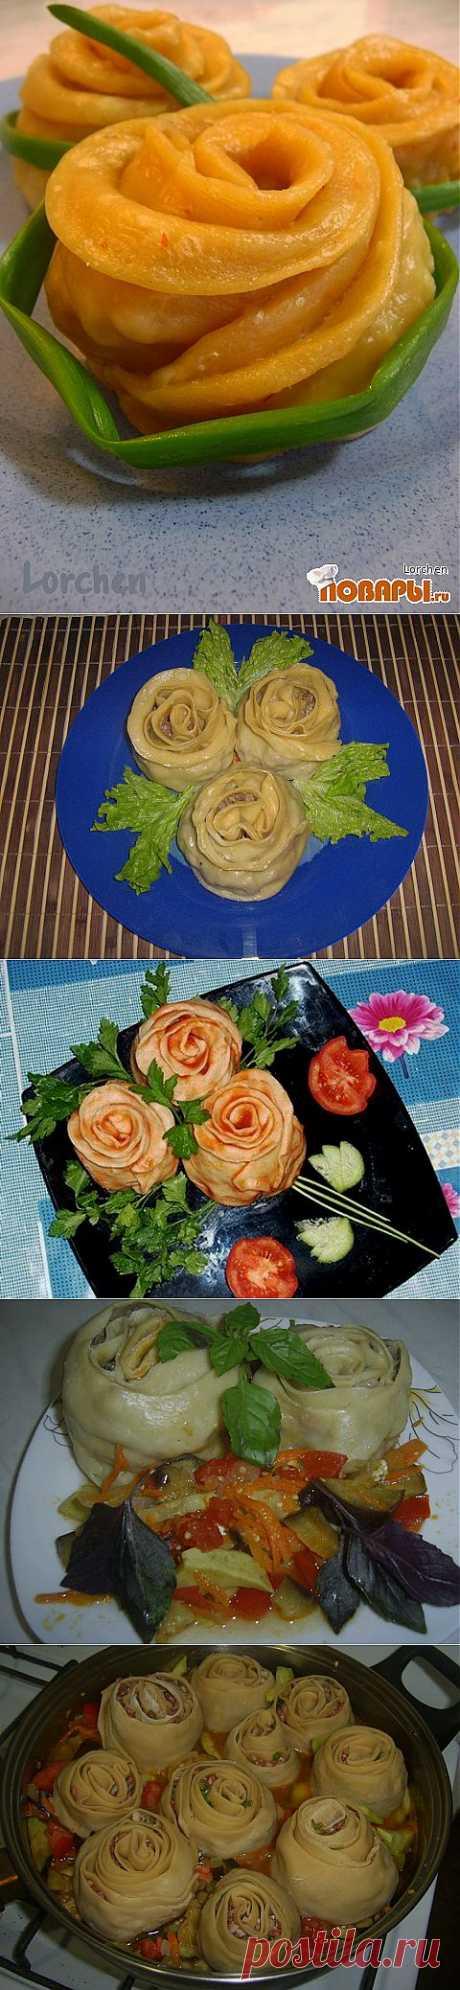 Extremadamente hermoso vareniki, los pelmeni y manty a un par. - las recetas simples Овкусе.ру